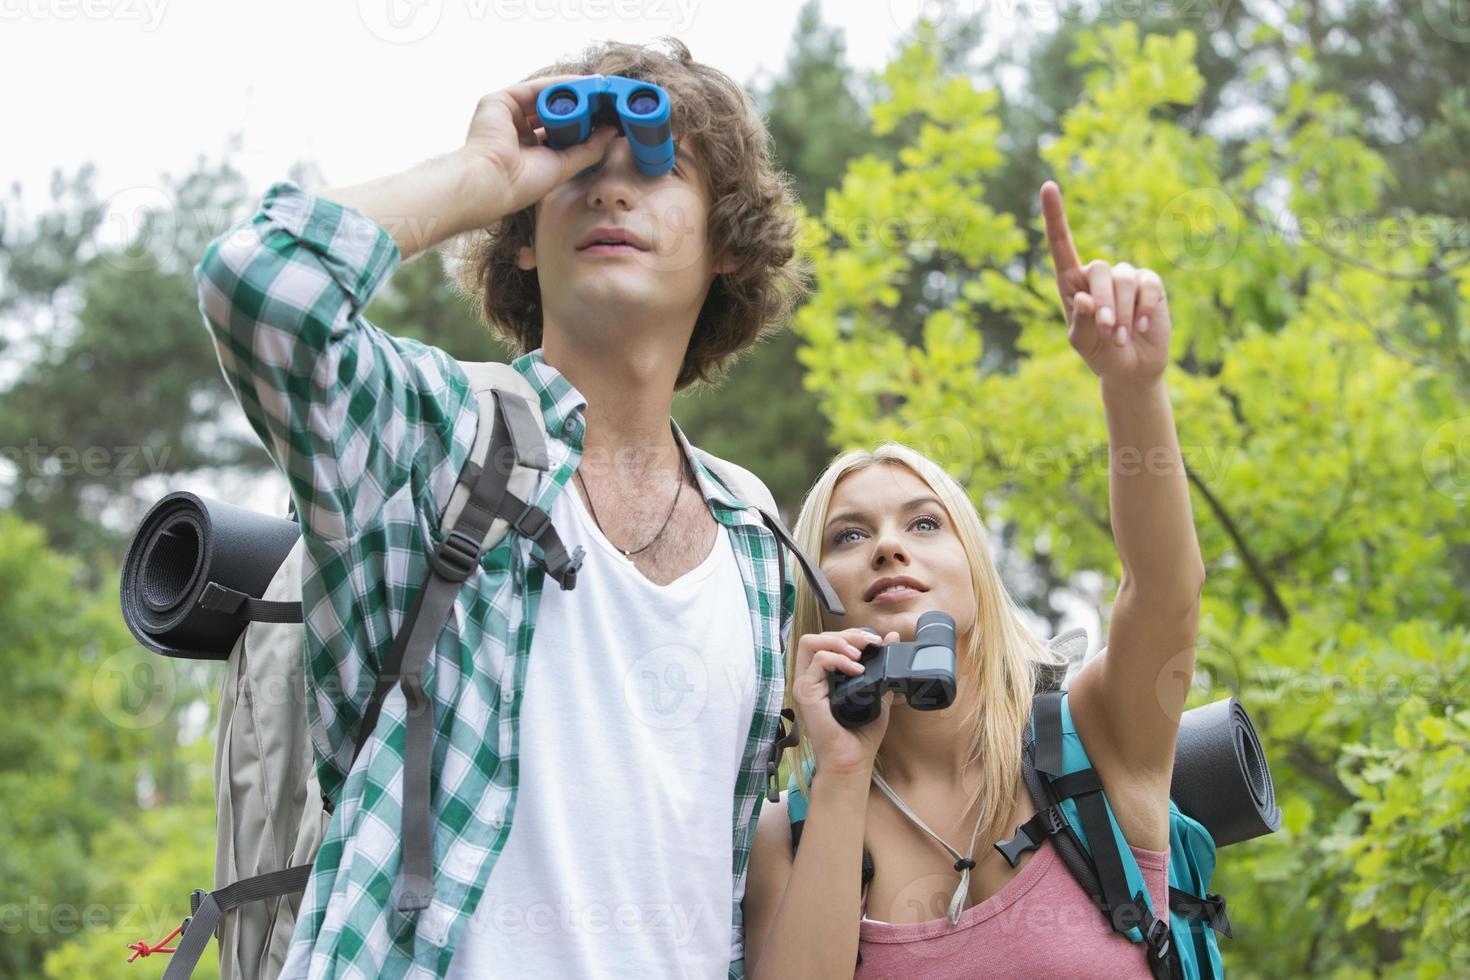 männlicher Wanderer mit Fernglas, während Freundin etwas im Wald zeigt foto